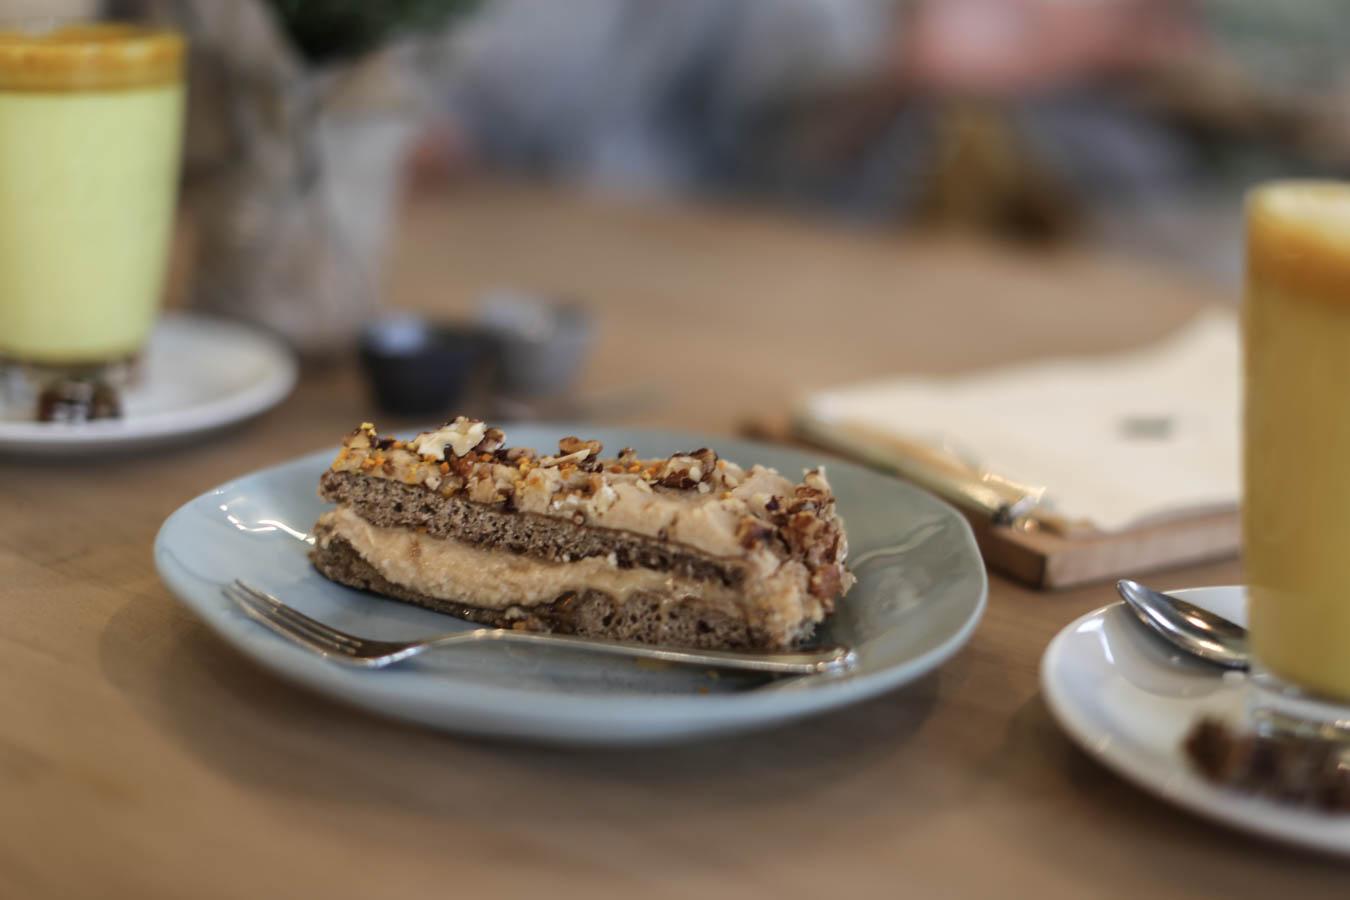 Cafe Und Kuchen K Ef Bf Bdln